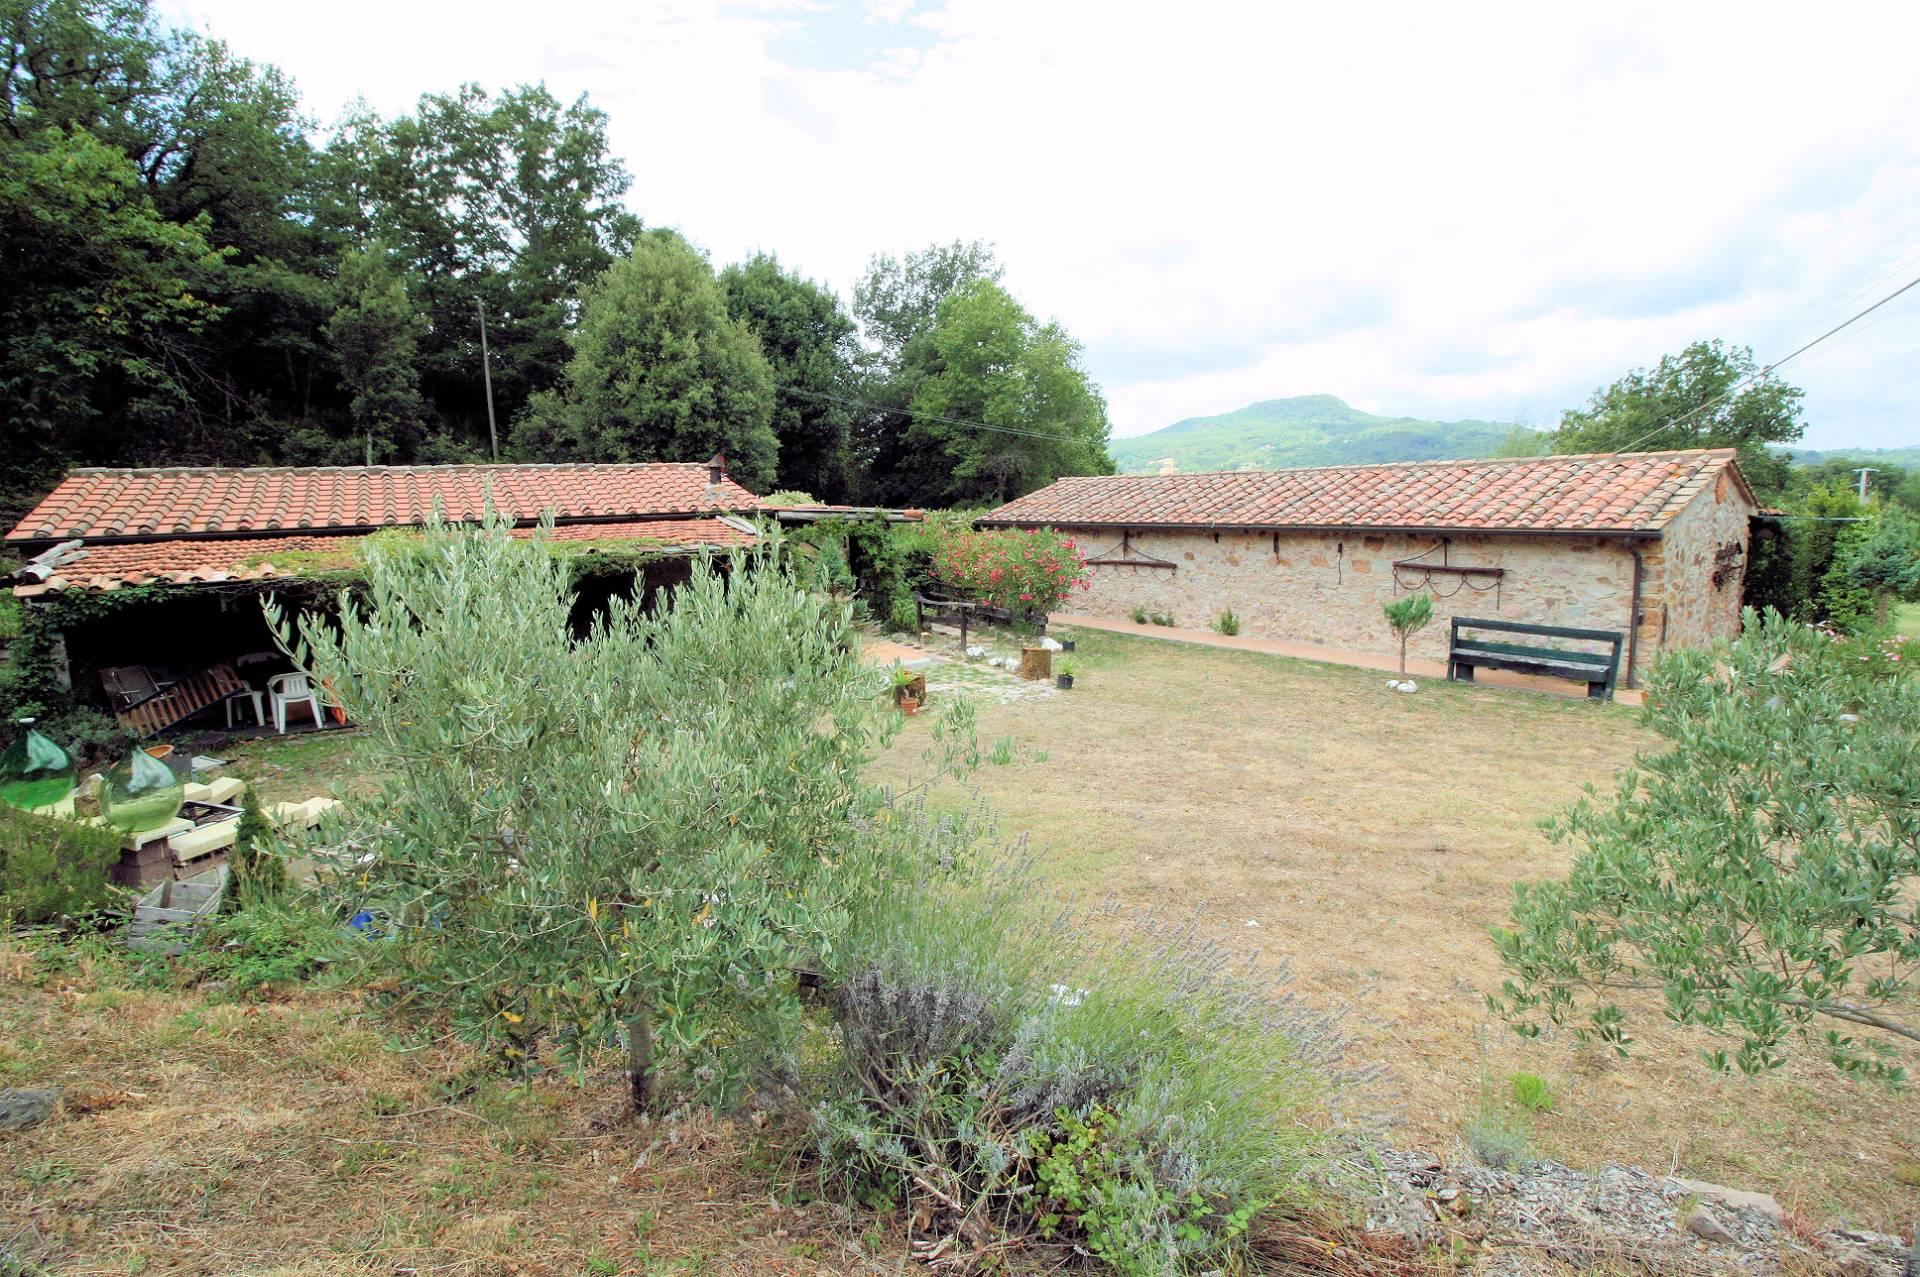 Rustico / Casale in vendita a Roccastrada, 5 locali, zona Zona: Sassofortino, prezzo € 450.000 | Cambio Casa.it